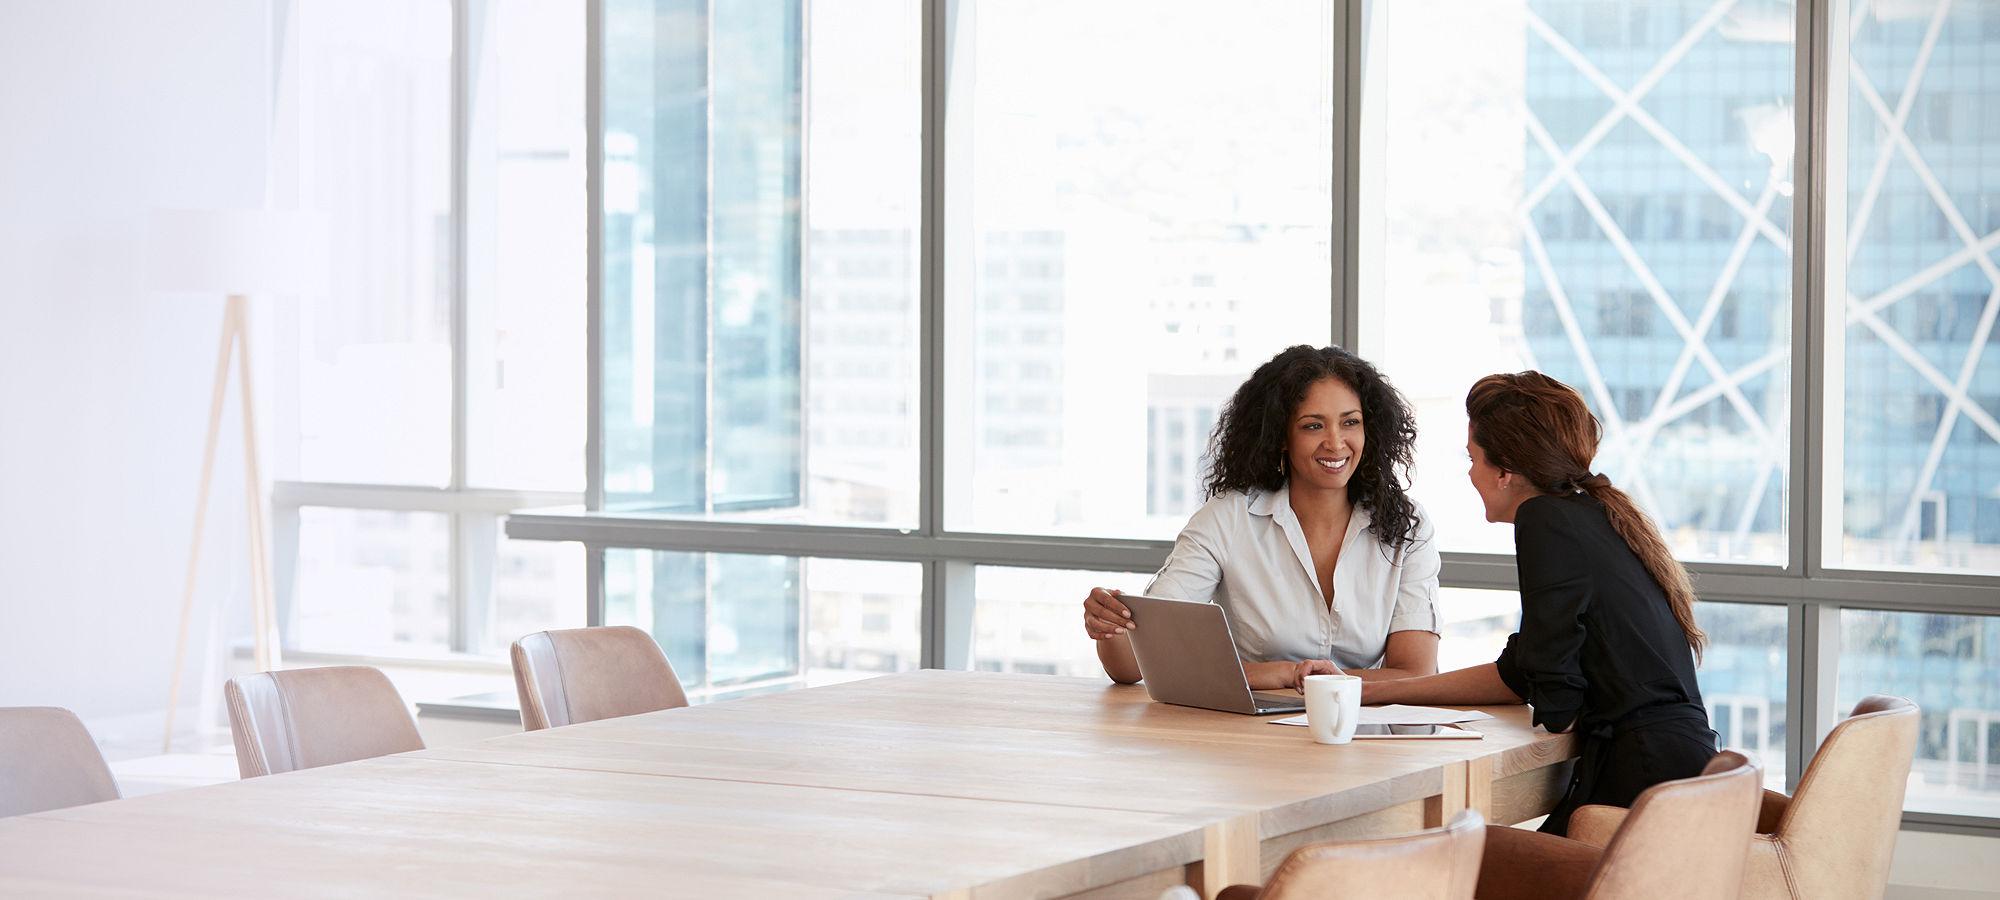 Businesswomen laptop boardroom meeting